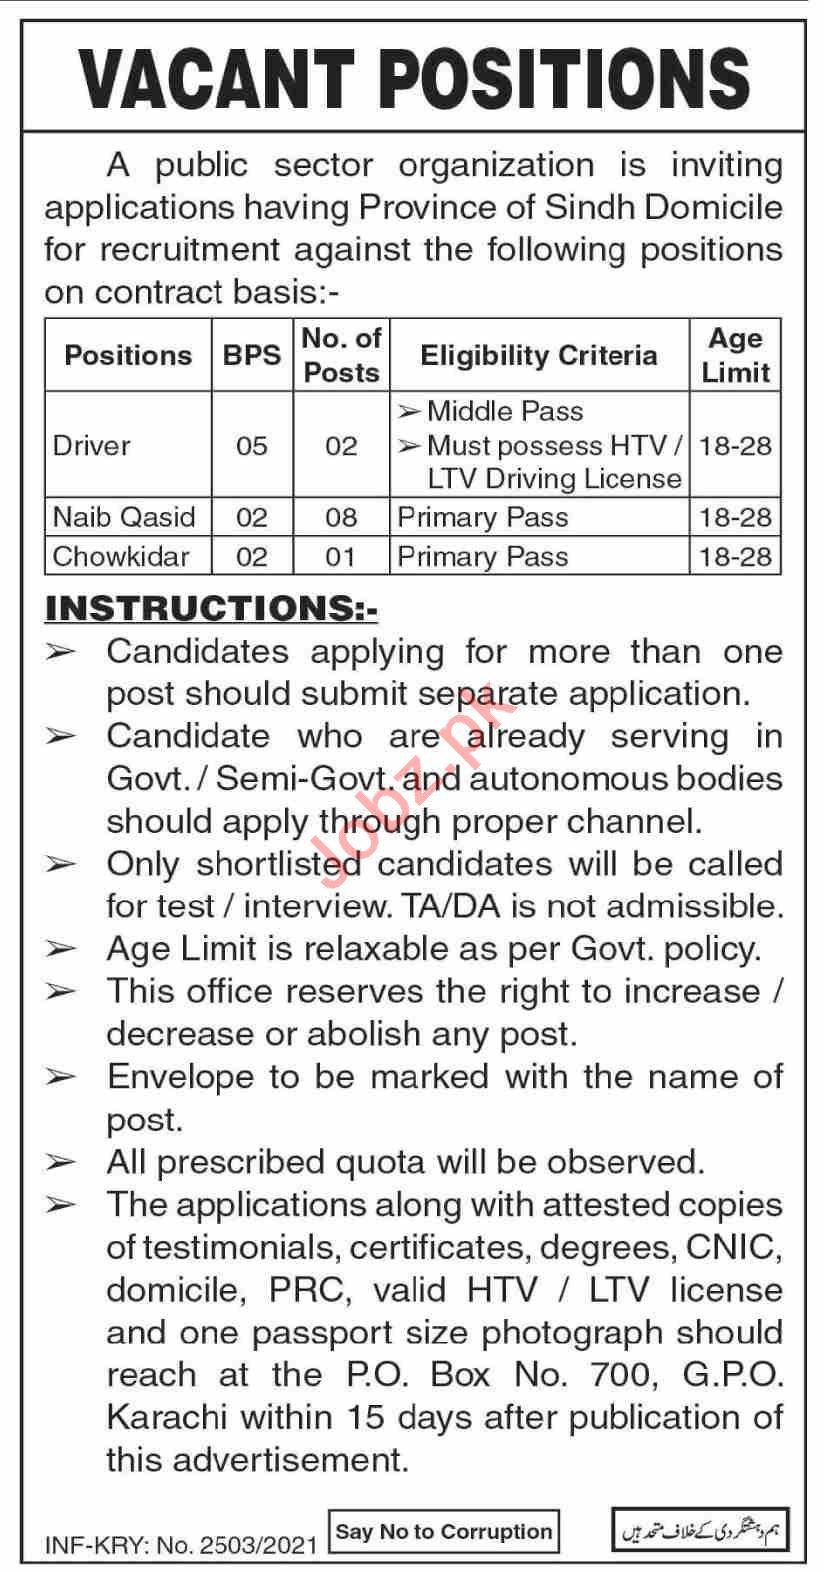 P O Box No 700 GPO Karachi Jobs 2021 for Naib Qasid